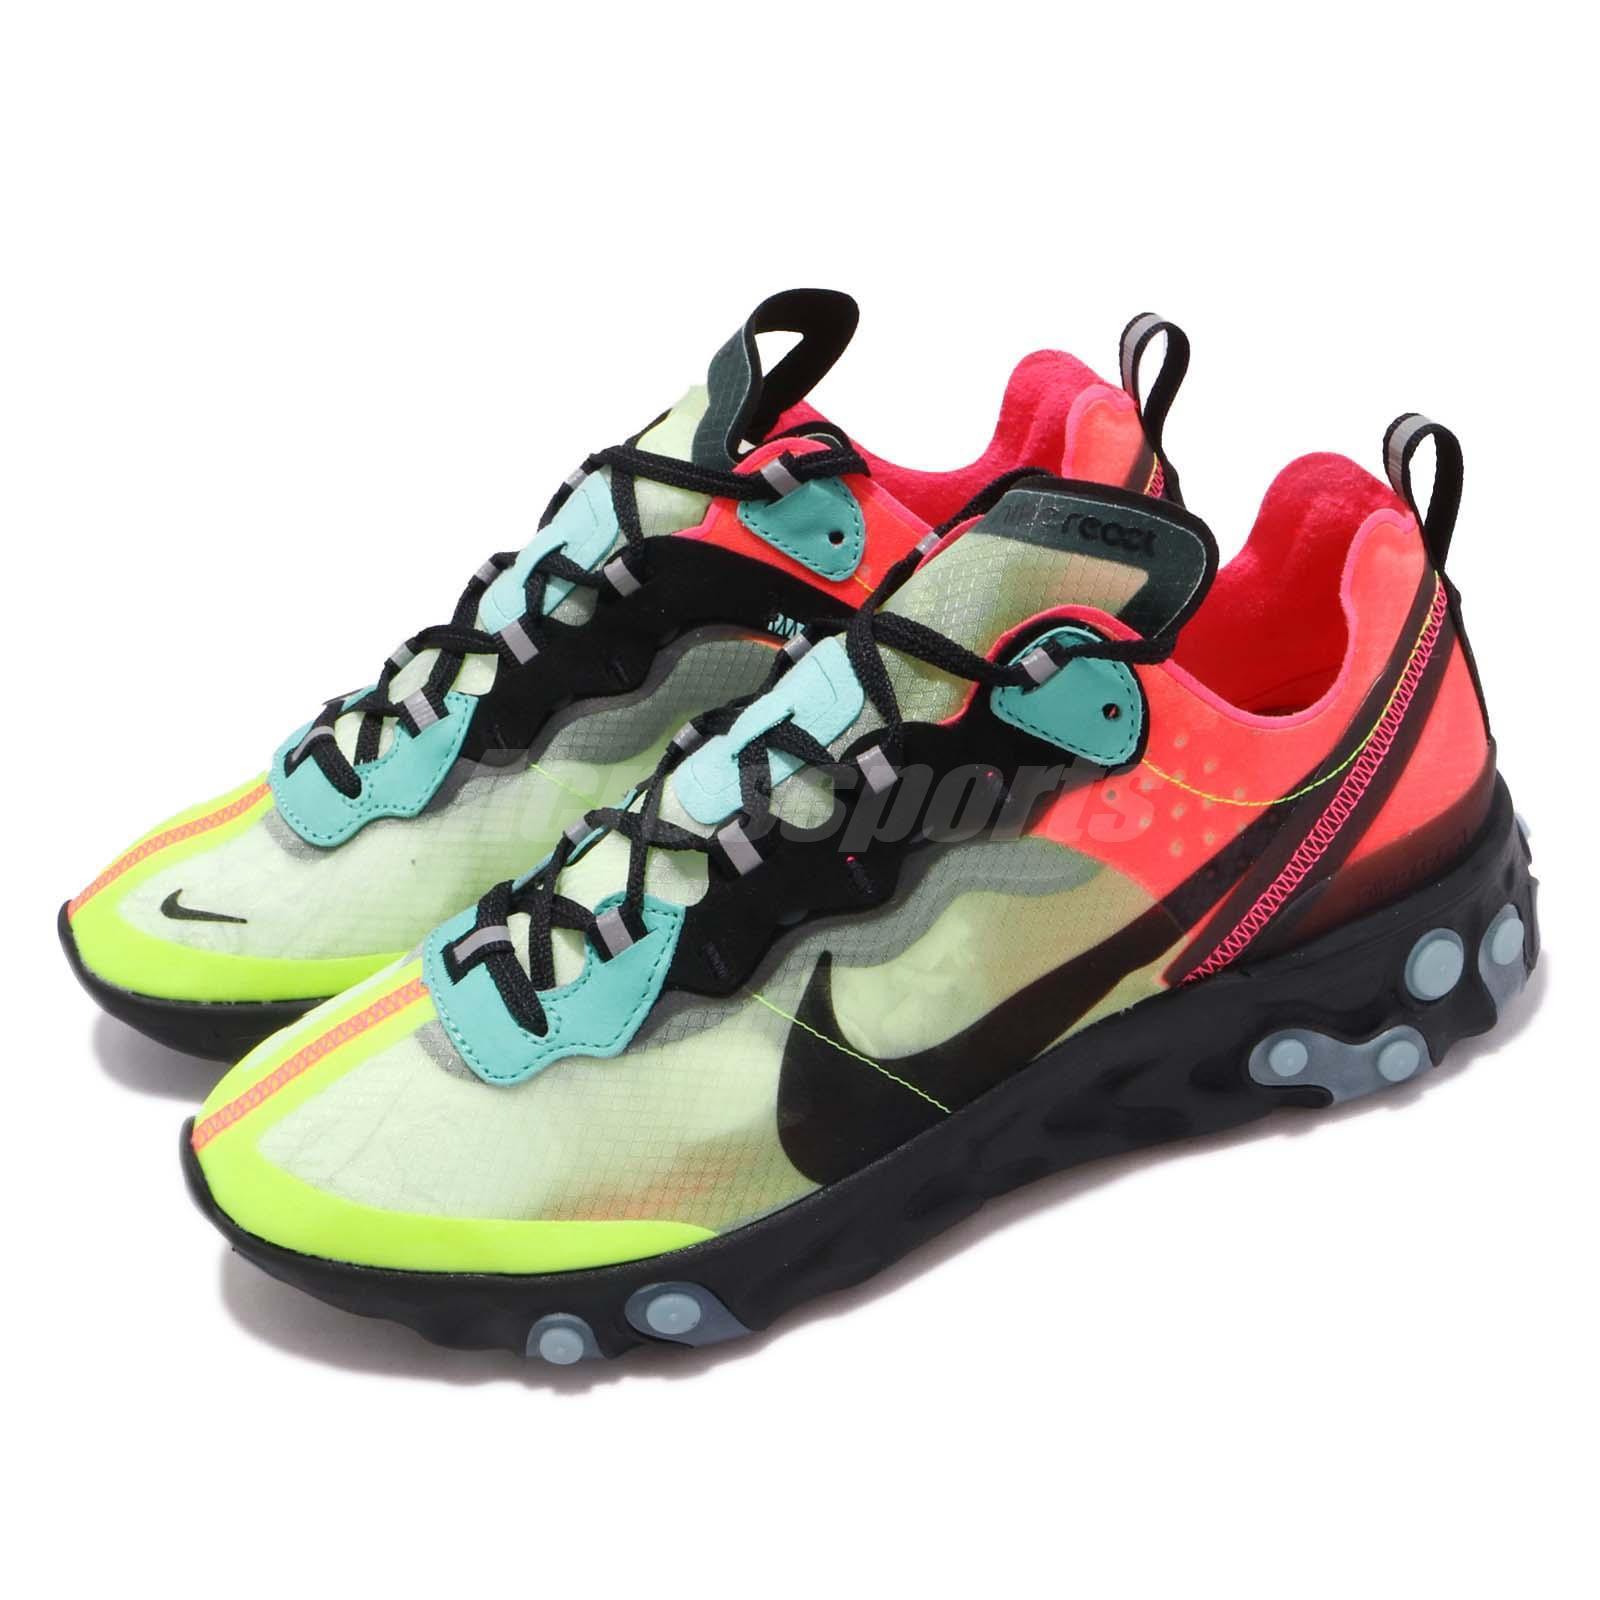 4a4111d9082b Details about Nike React Element 87 Hyper Fusion Volt Racer Pink Black Men  Shoes AQ1090-700